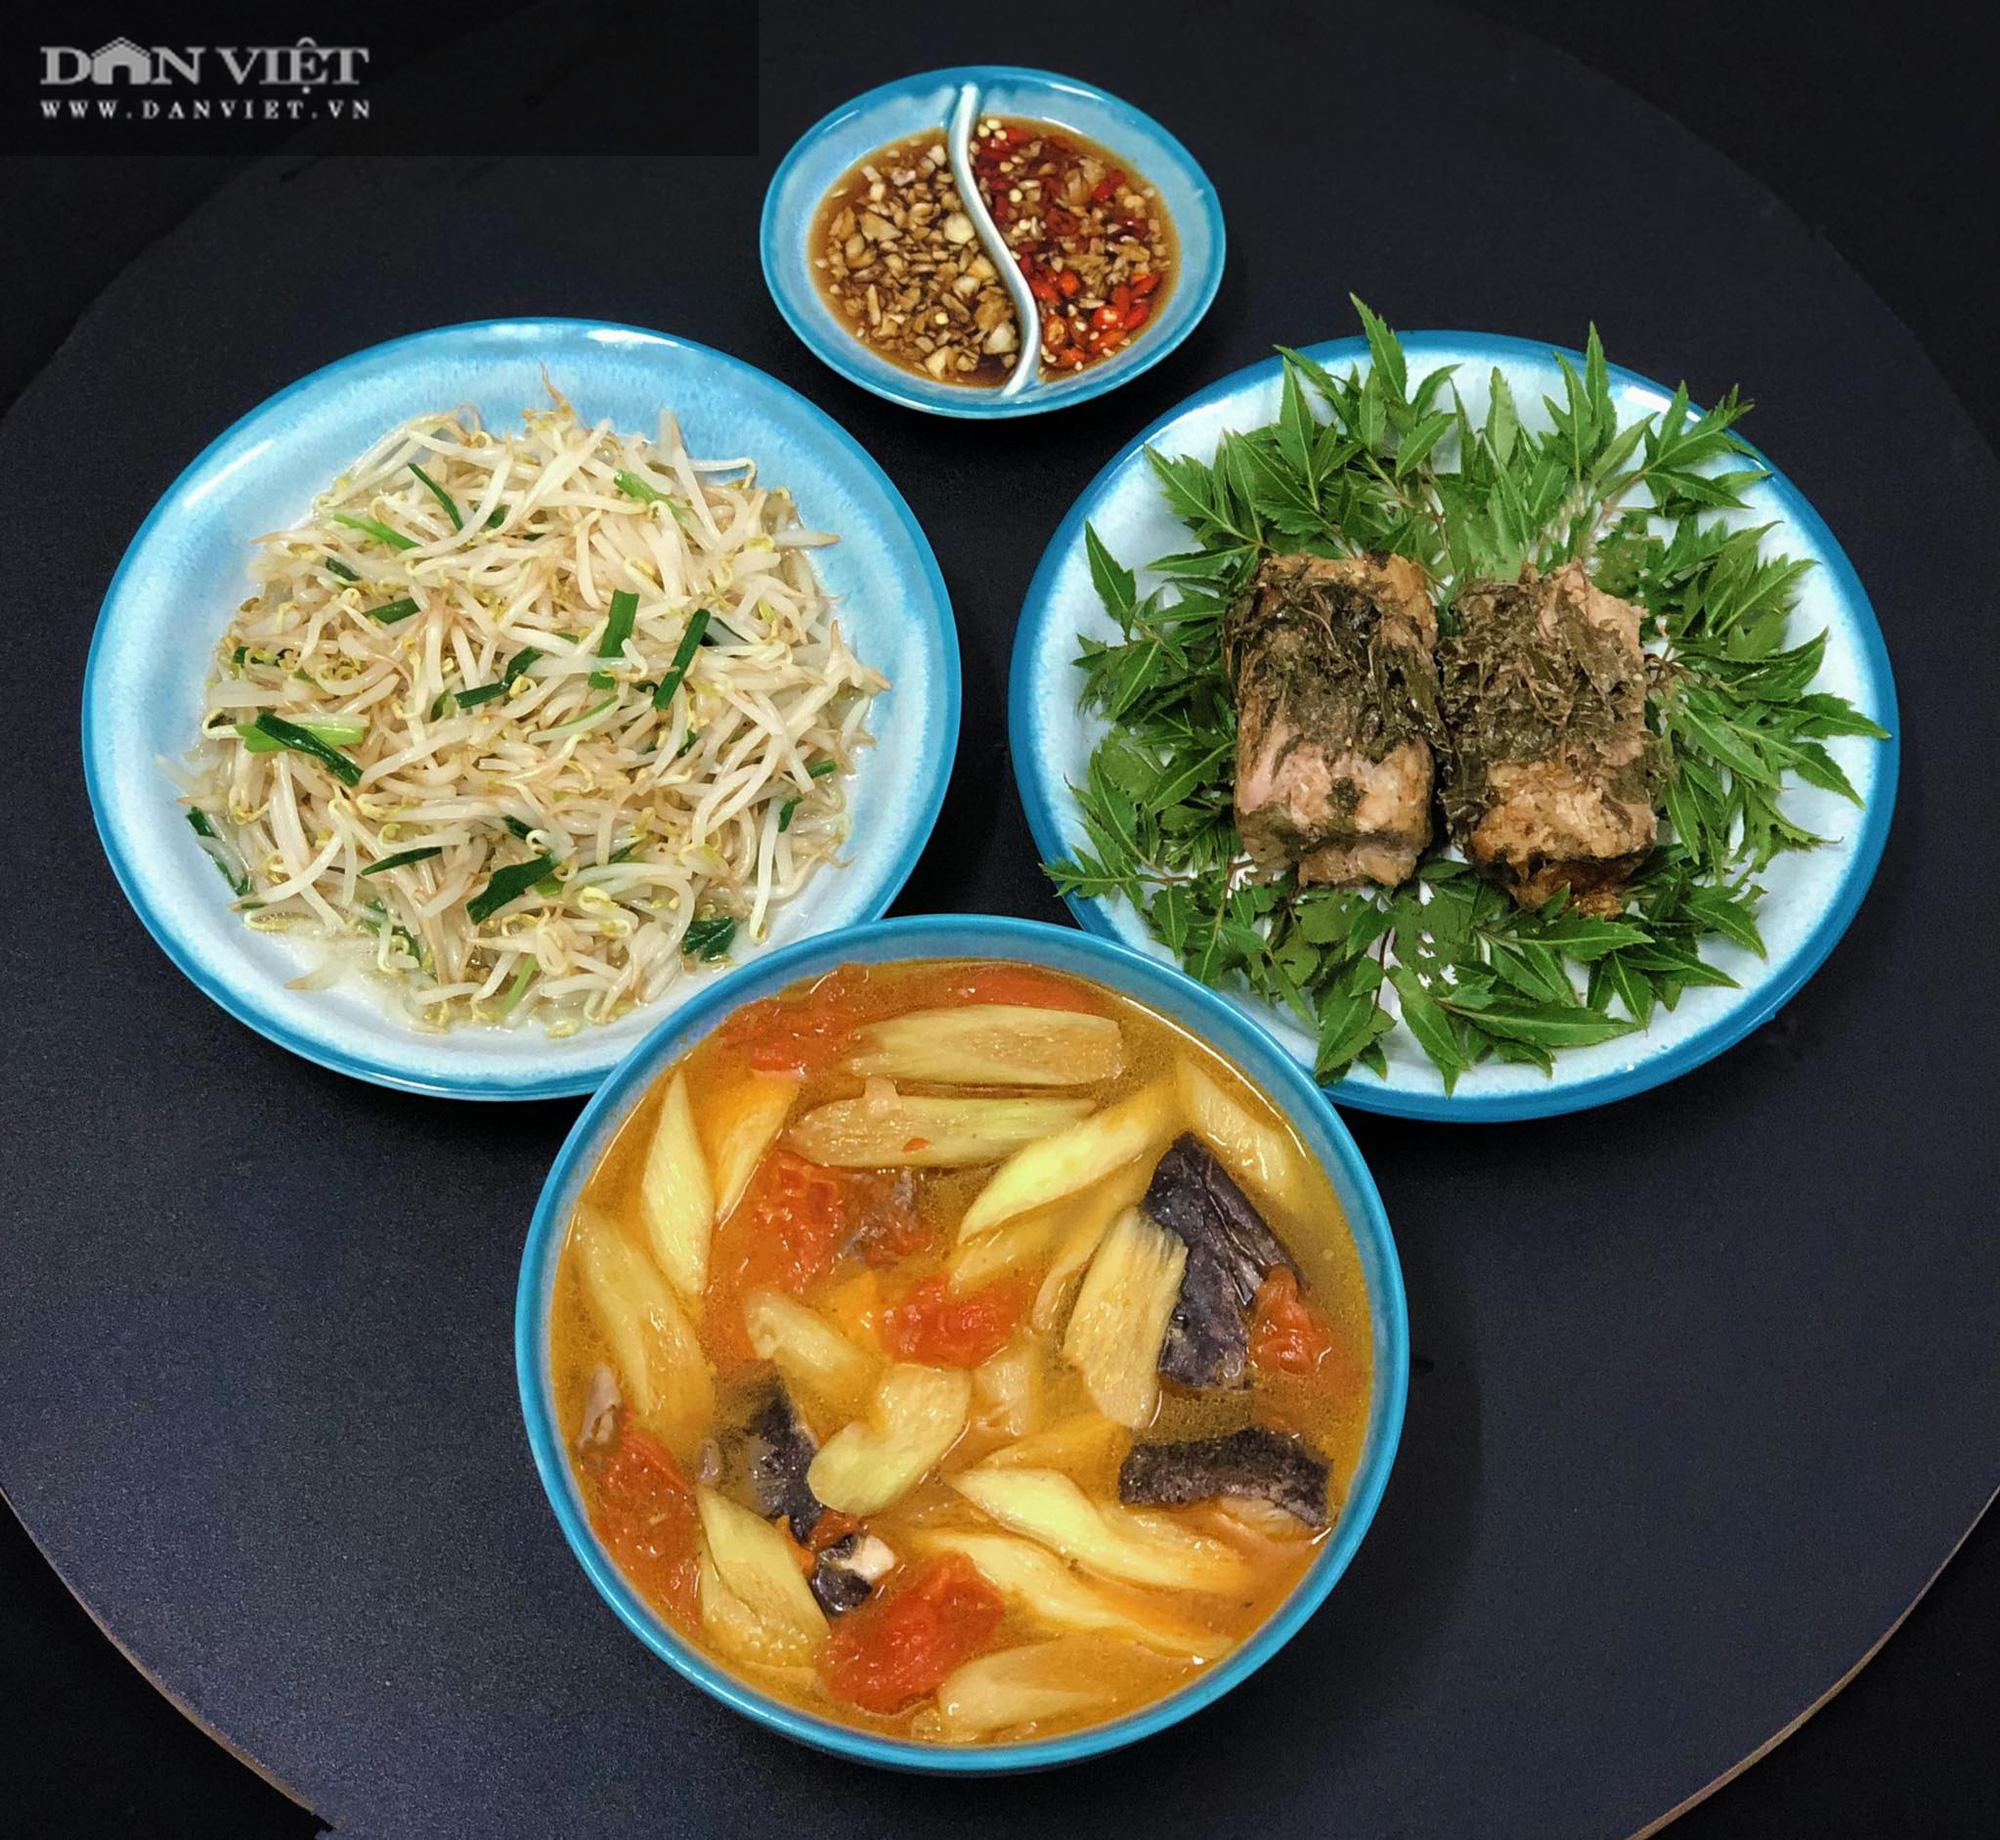 Mẹ đảm Hà thành gợi ý thực đơn cơm nhà đẹp mắt, đủ dinh dưỡng - Ảnh 9.